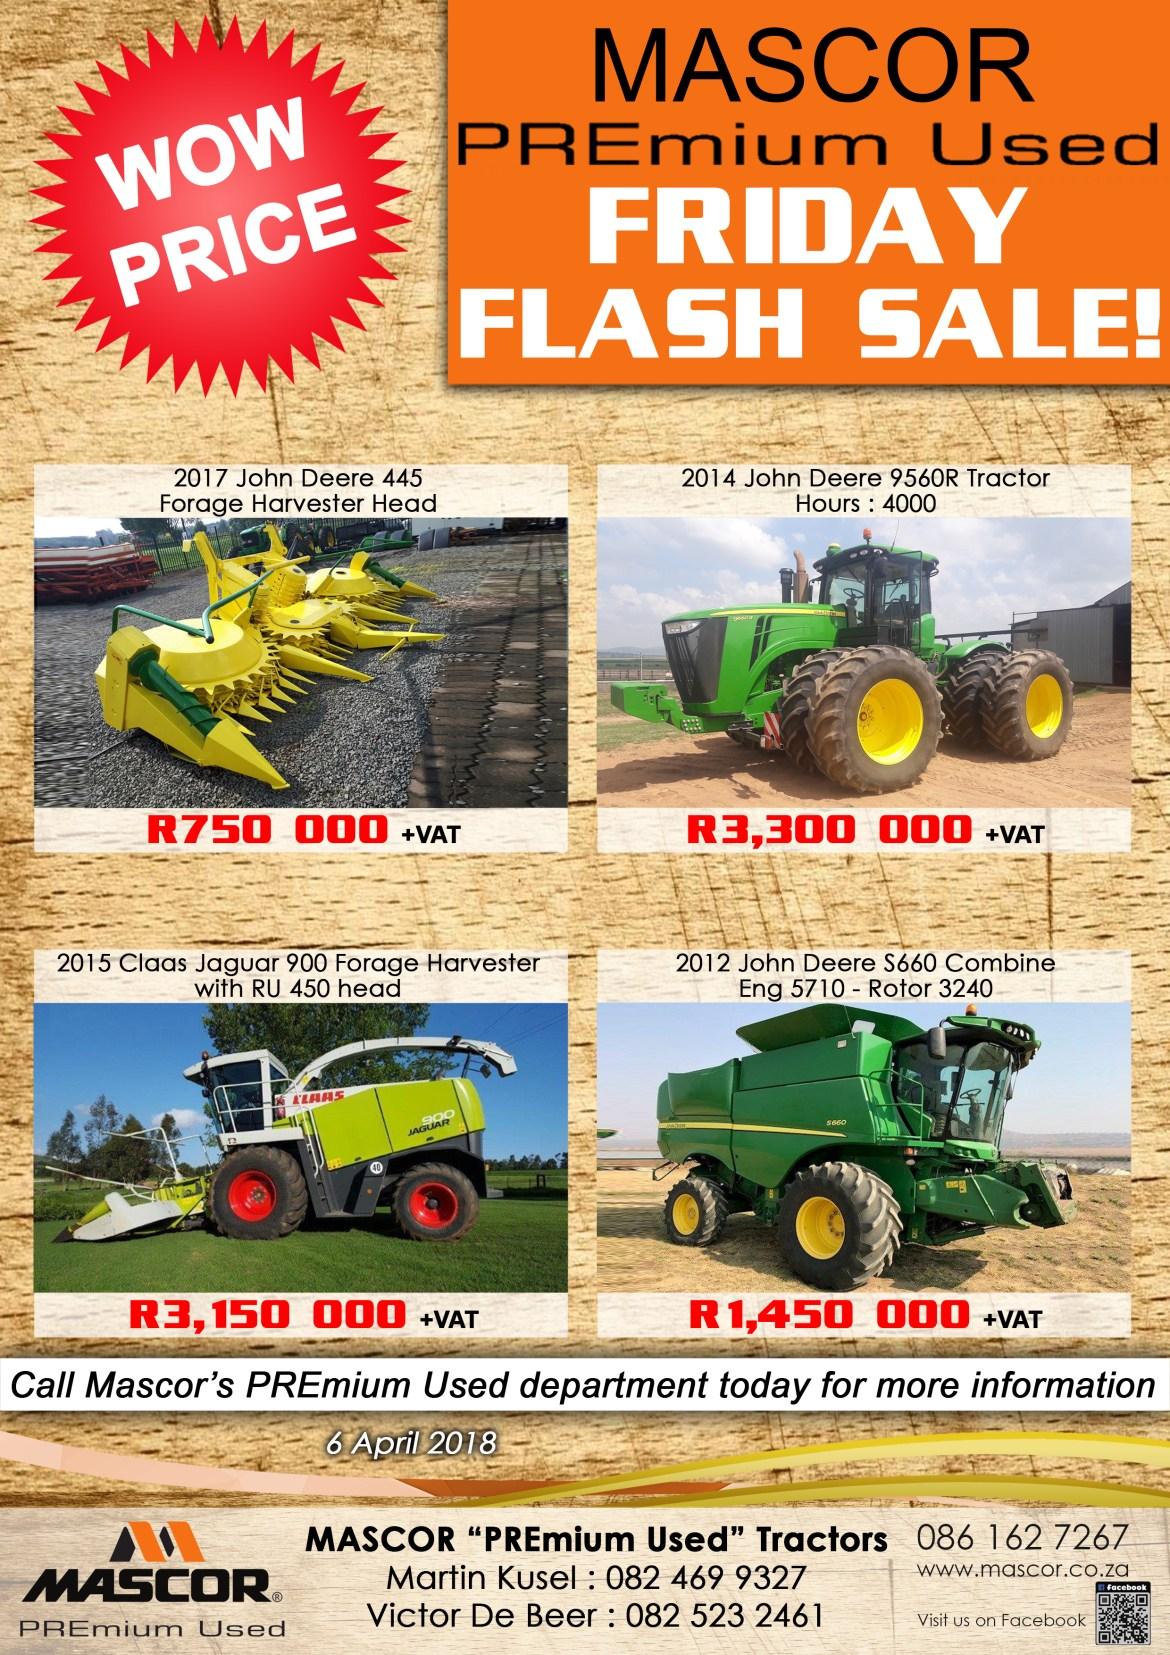 Mascor Premium Used - Friday Flash Sale